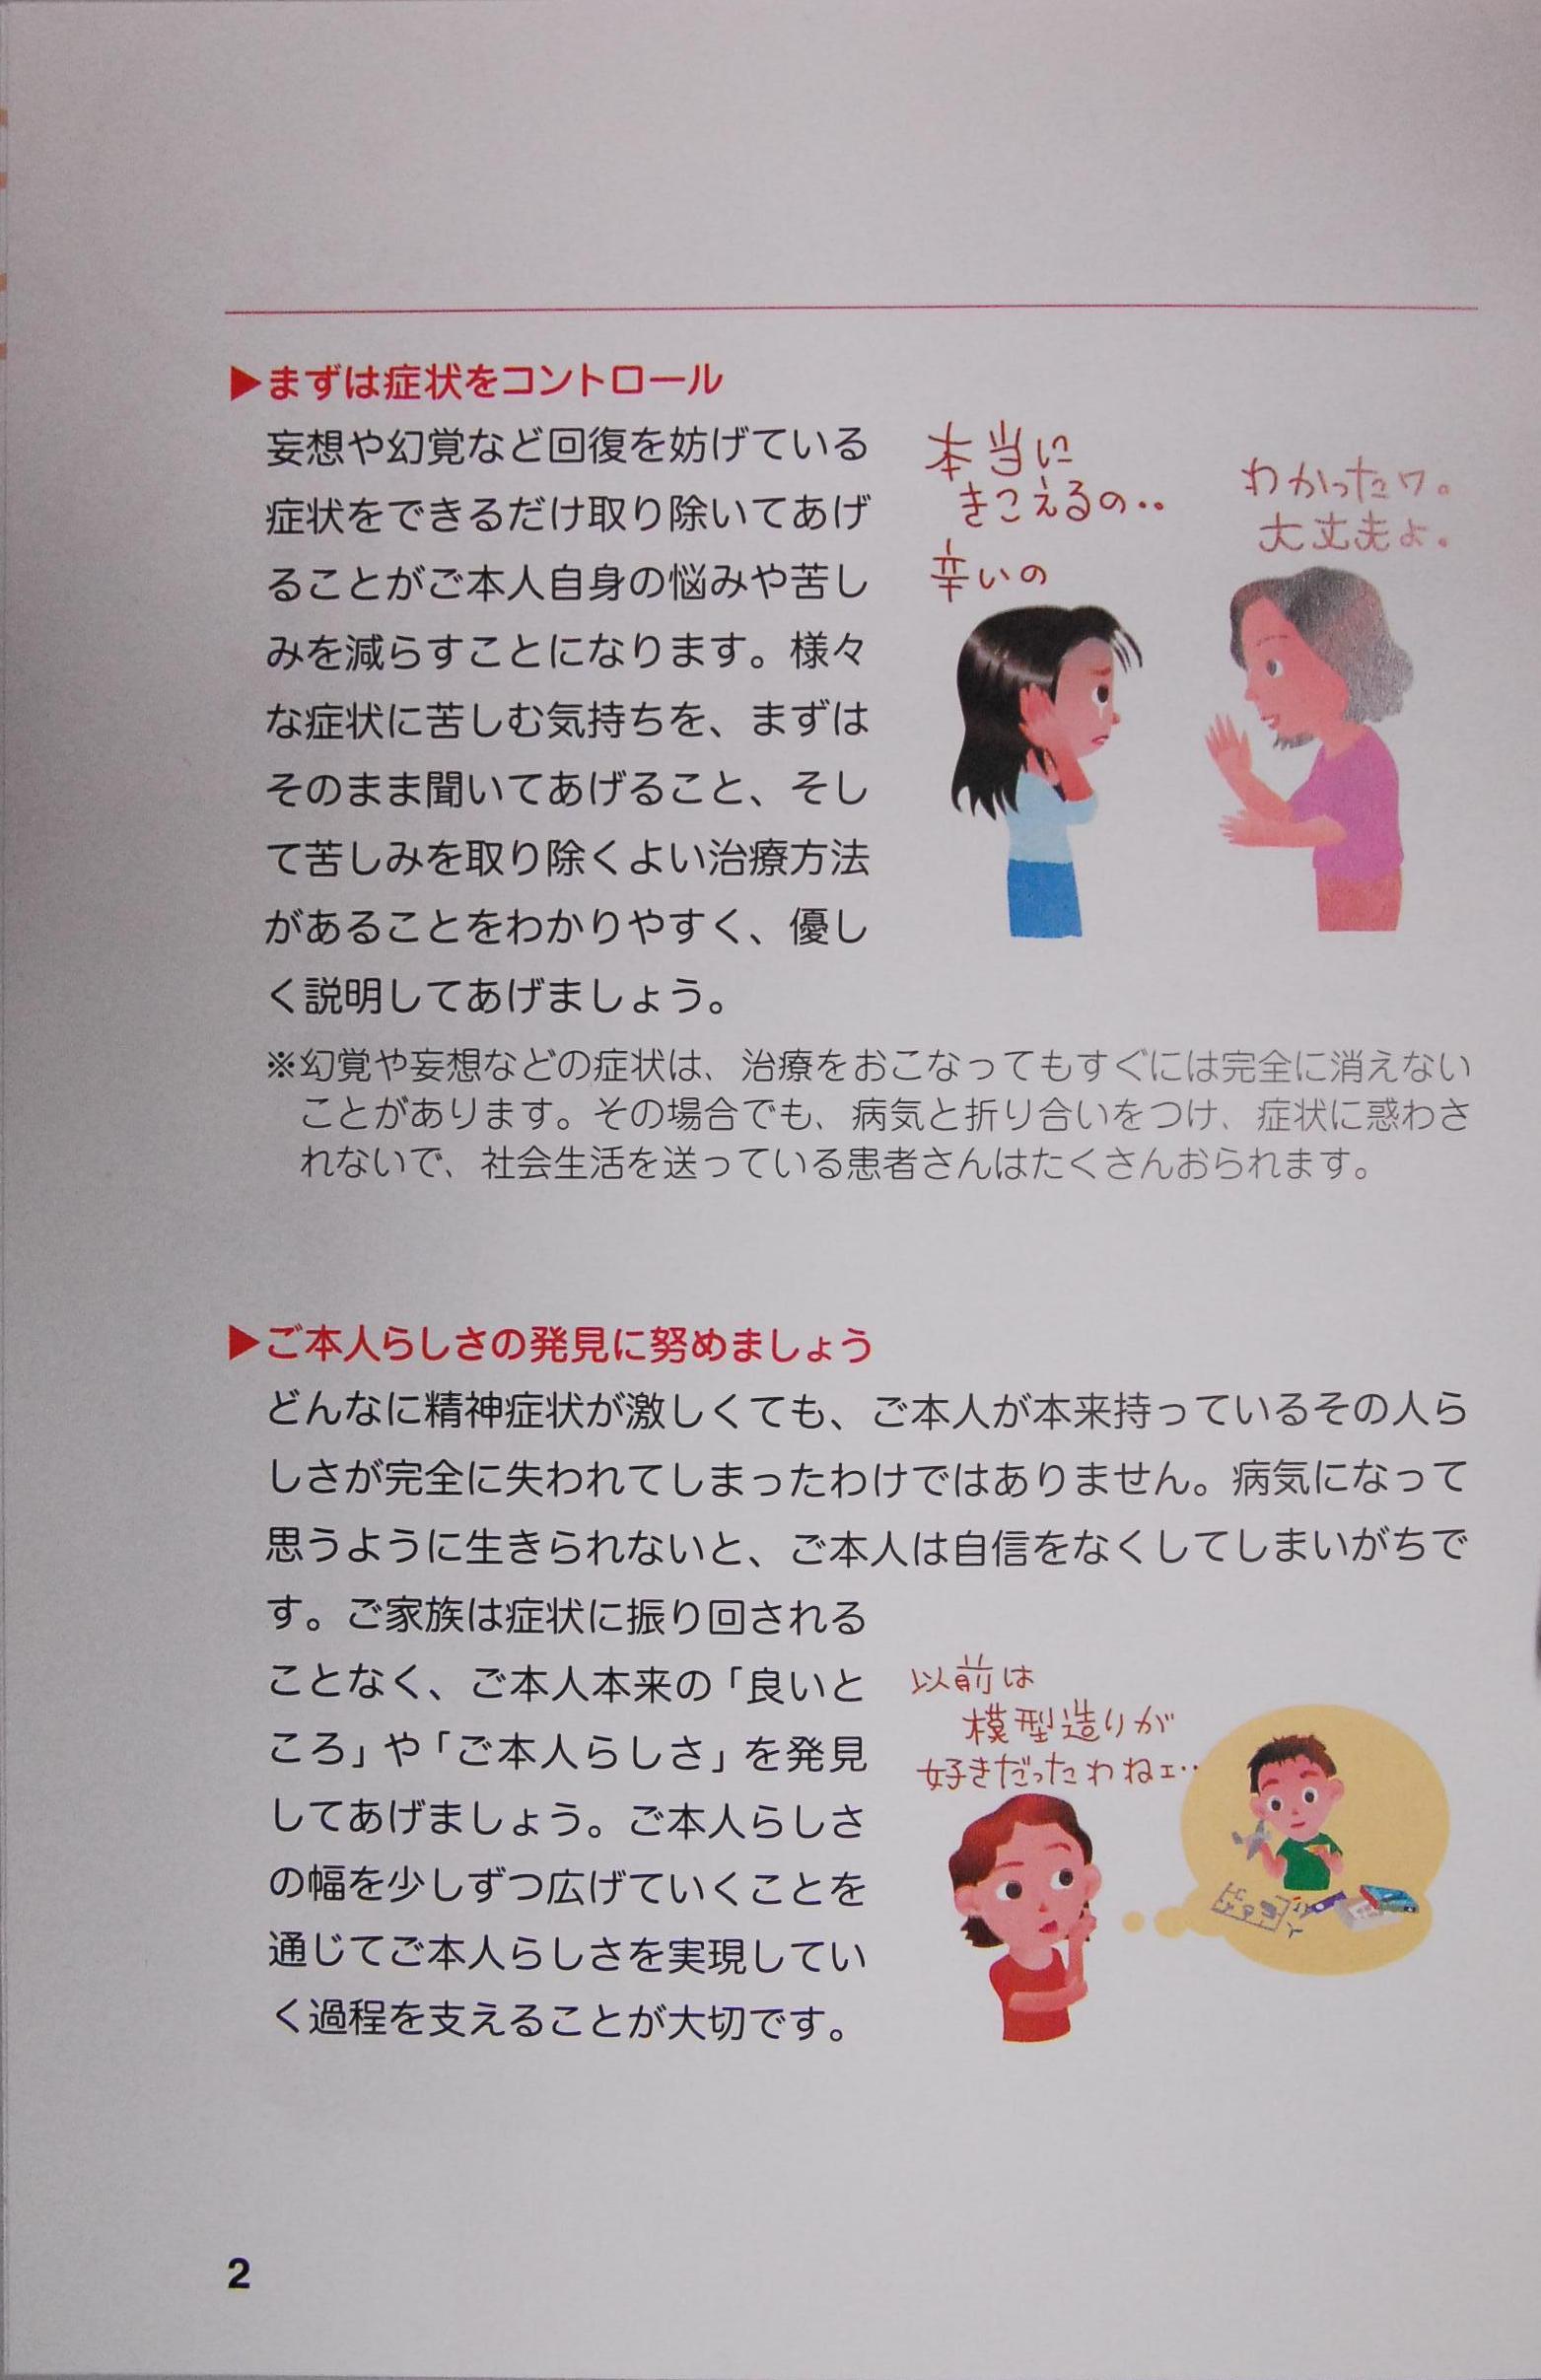 統合失調症ABC 回復を促す〝家族の接し方〟_a0103650_18124586.jpg